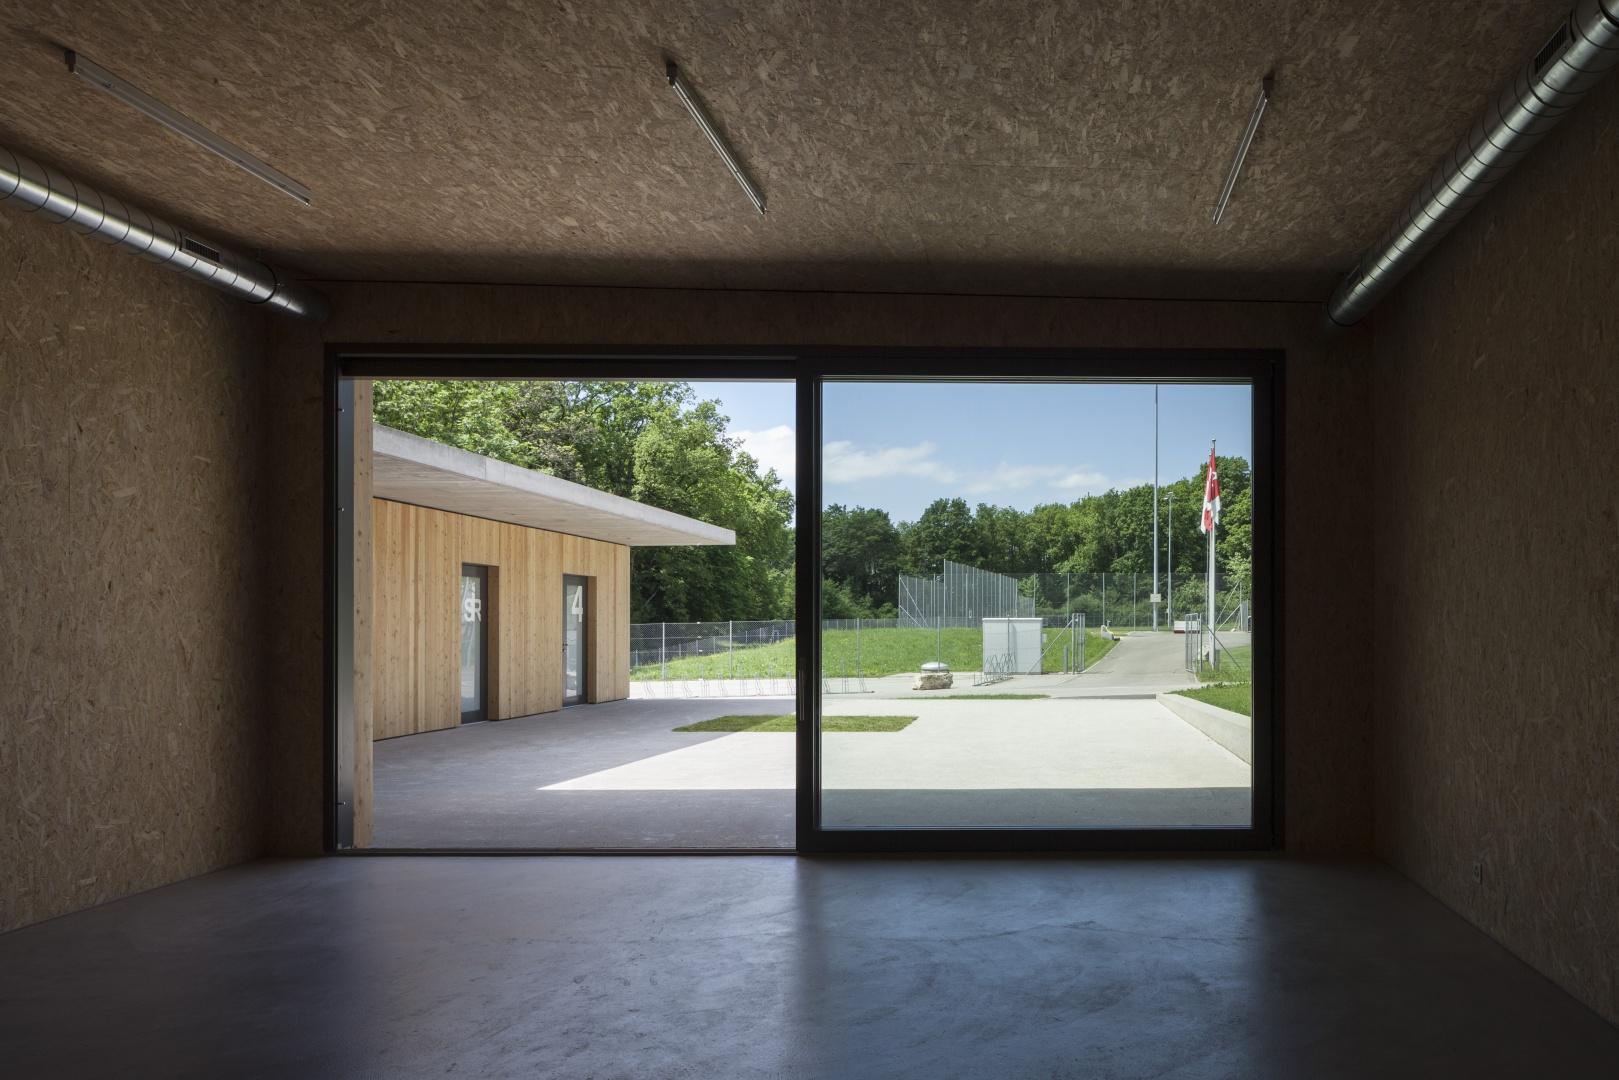 Mehrzweckraum, Blick zu den Sportanlagen © Børje Müller